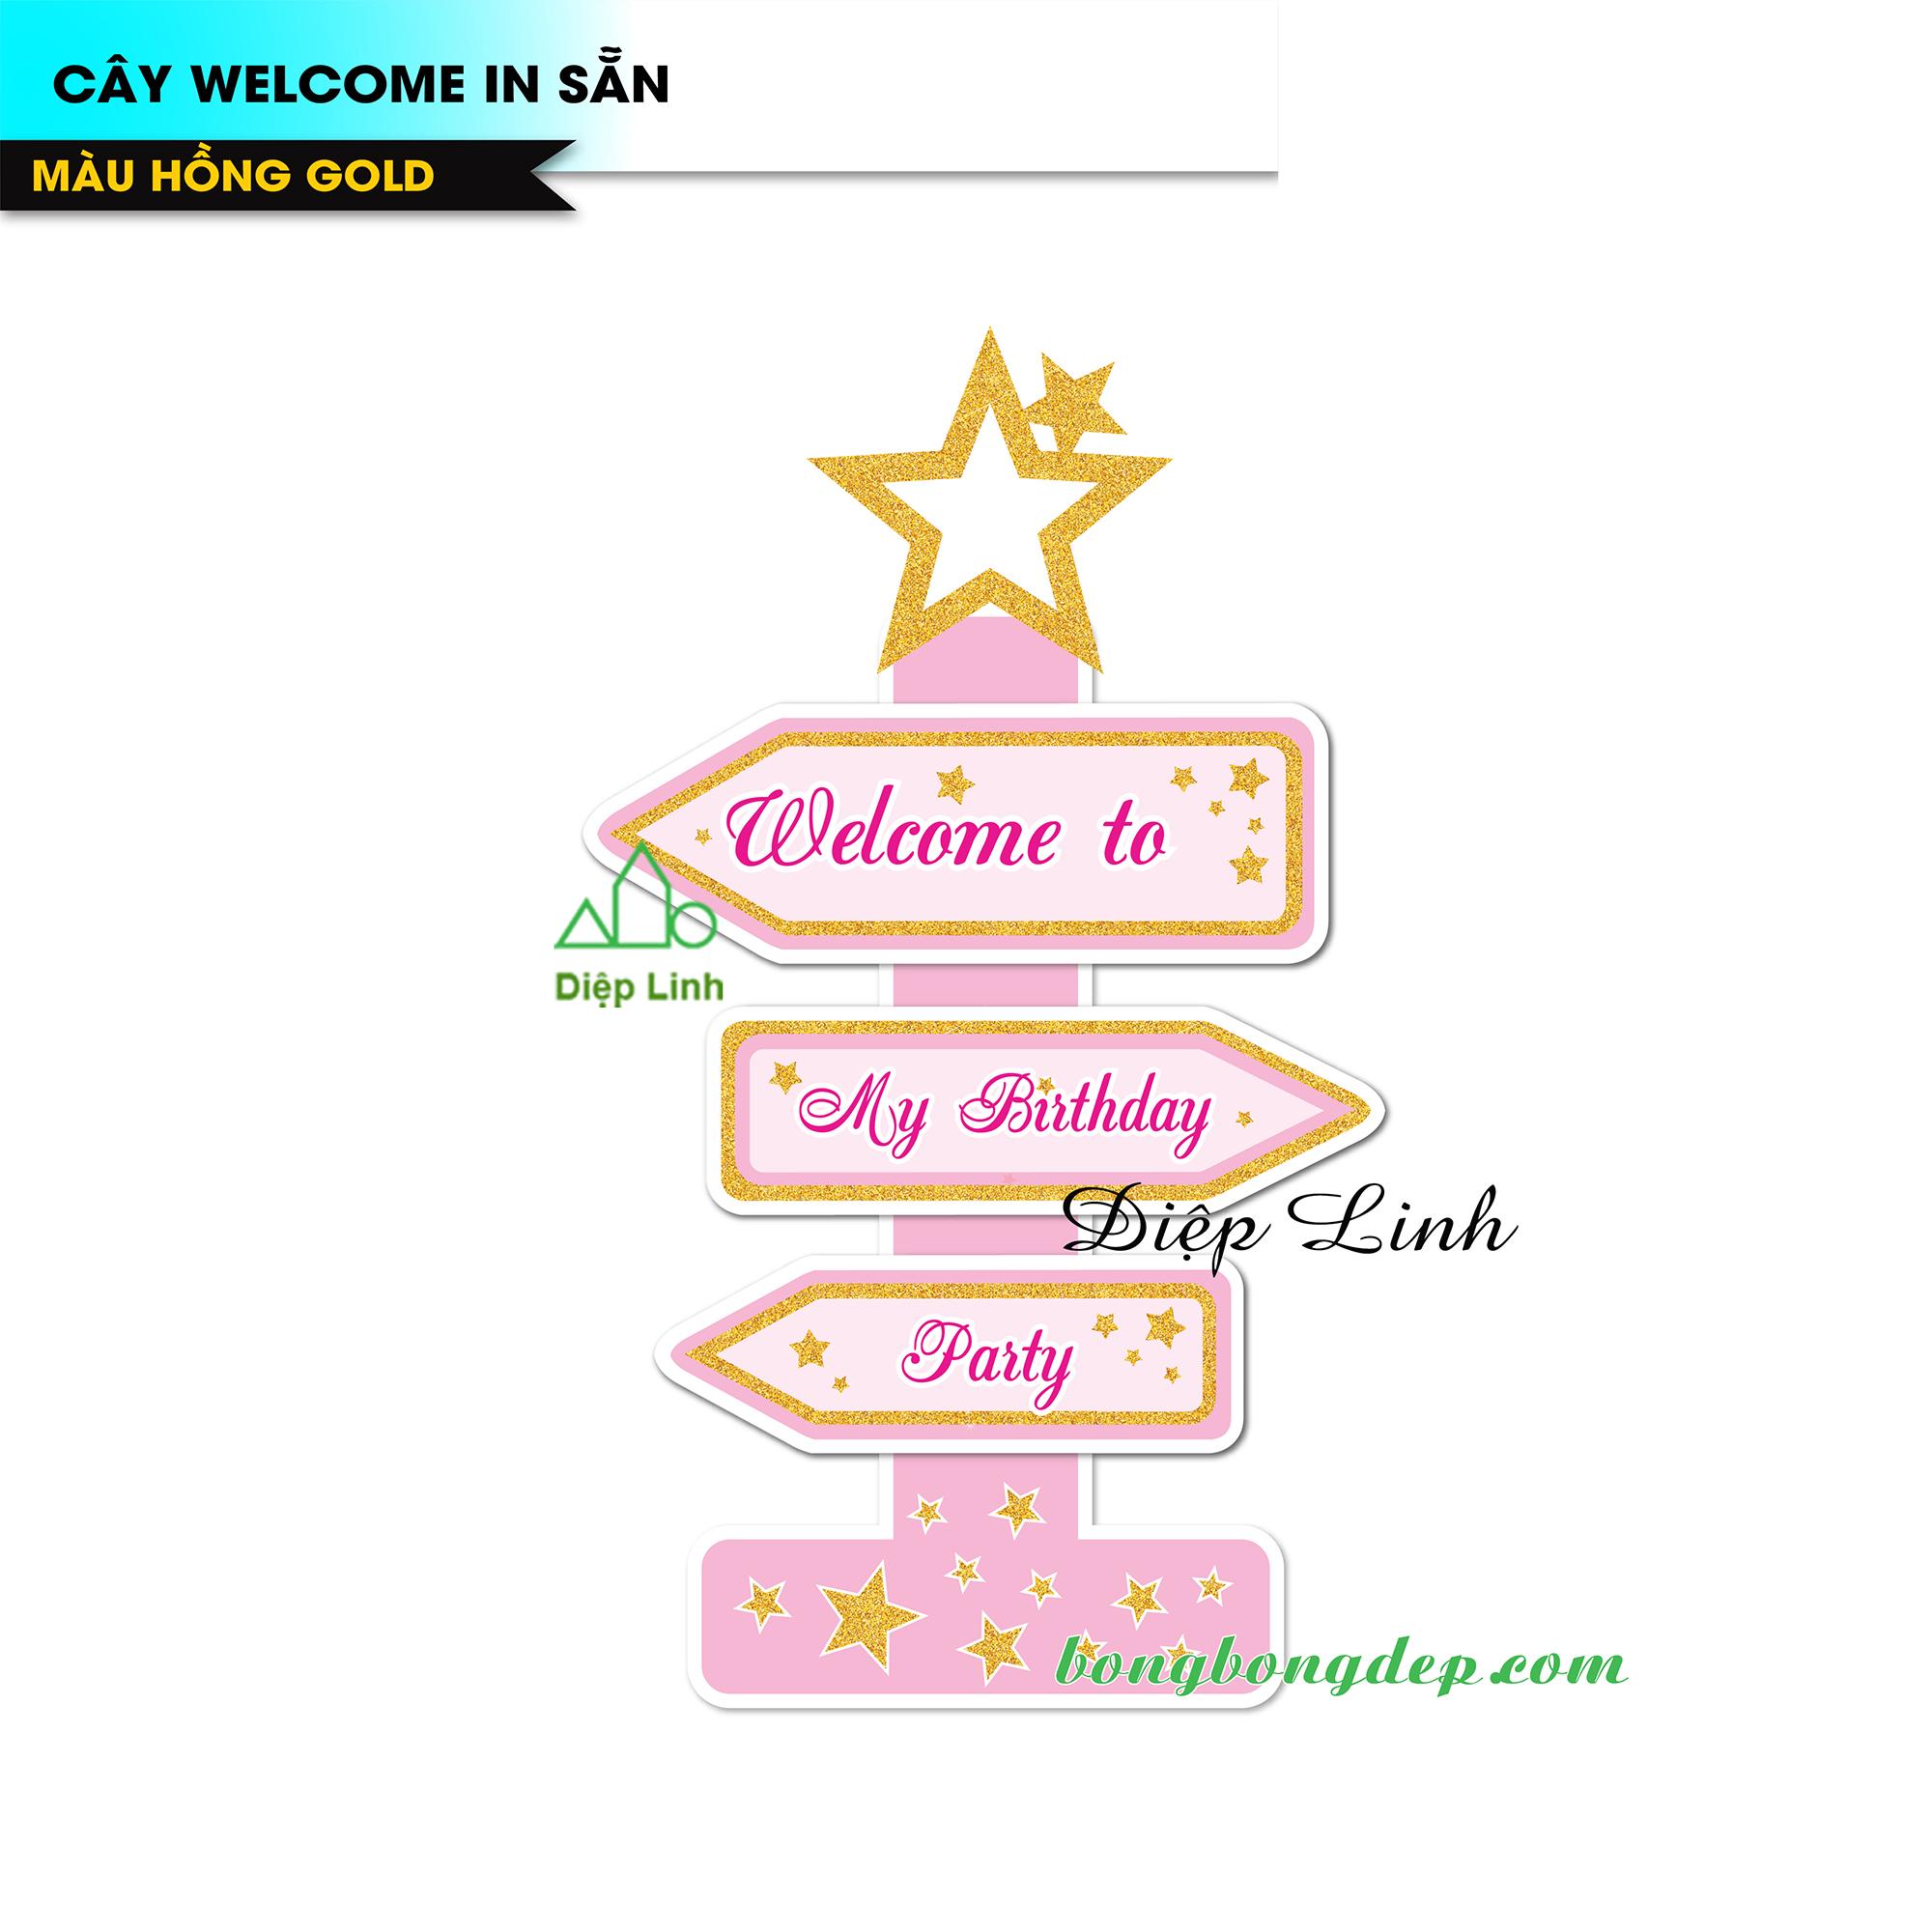 Cây Welcome chủ đề Hồng